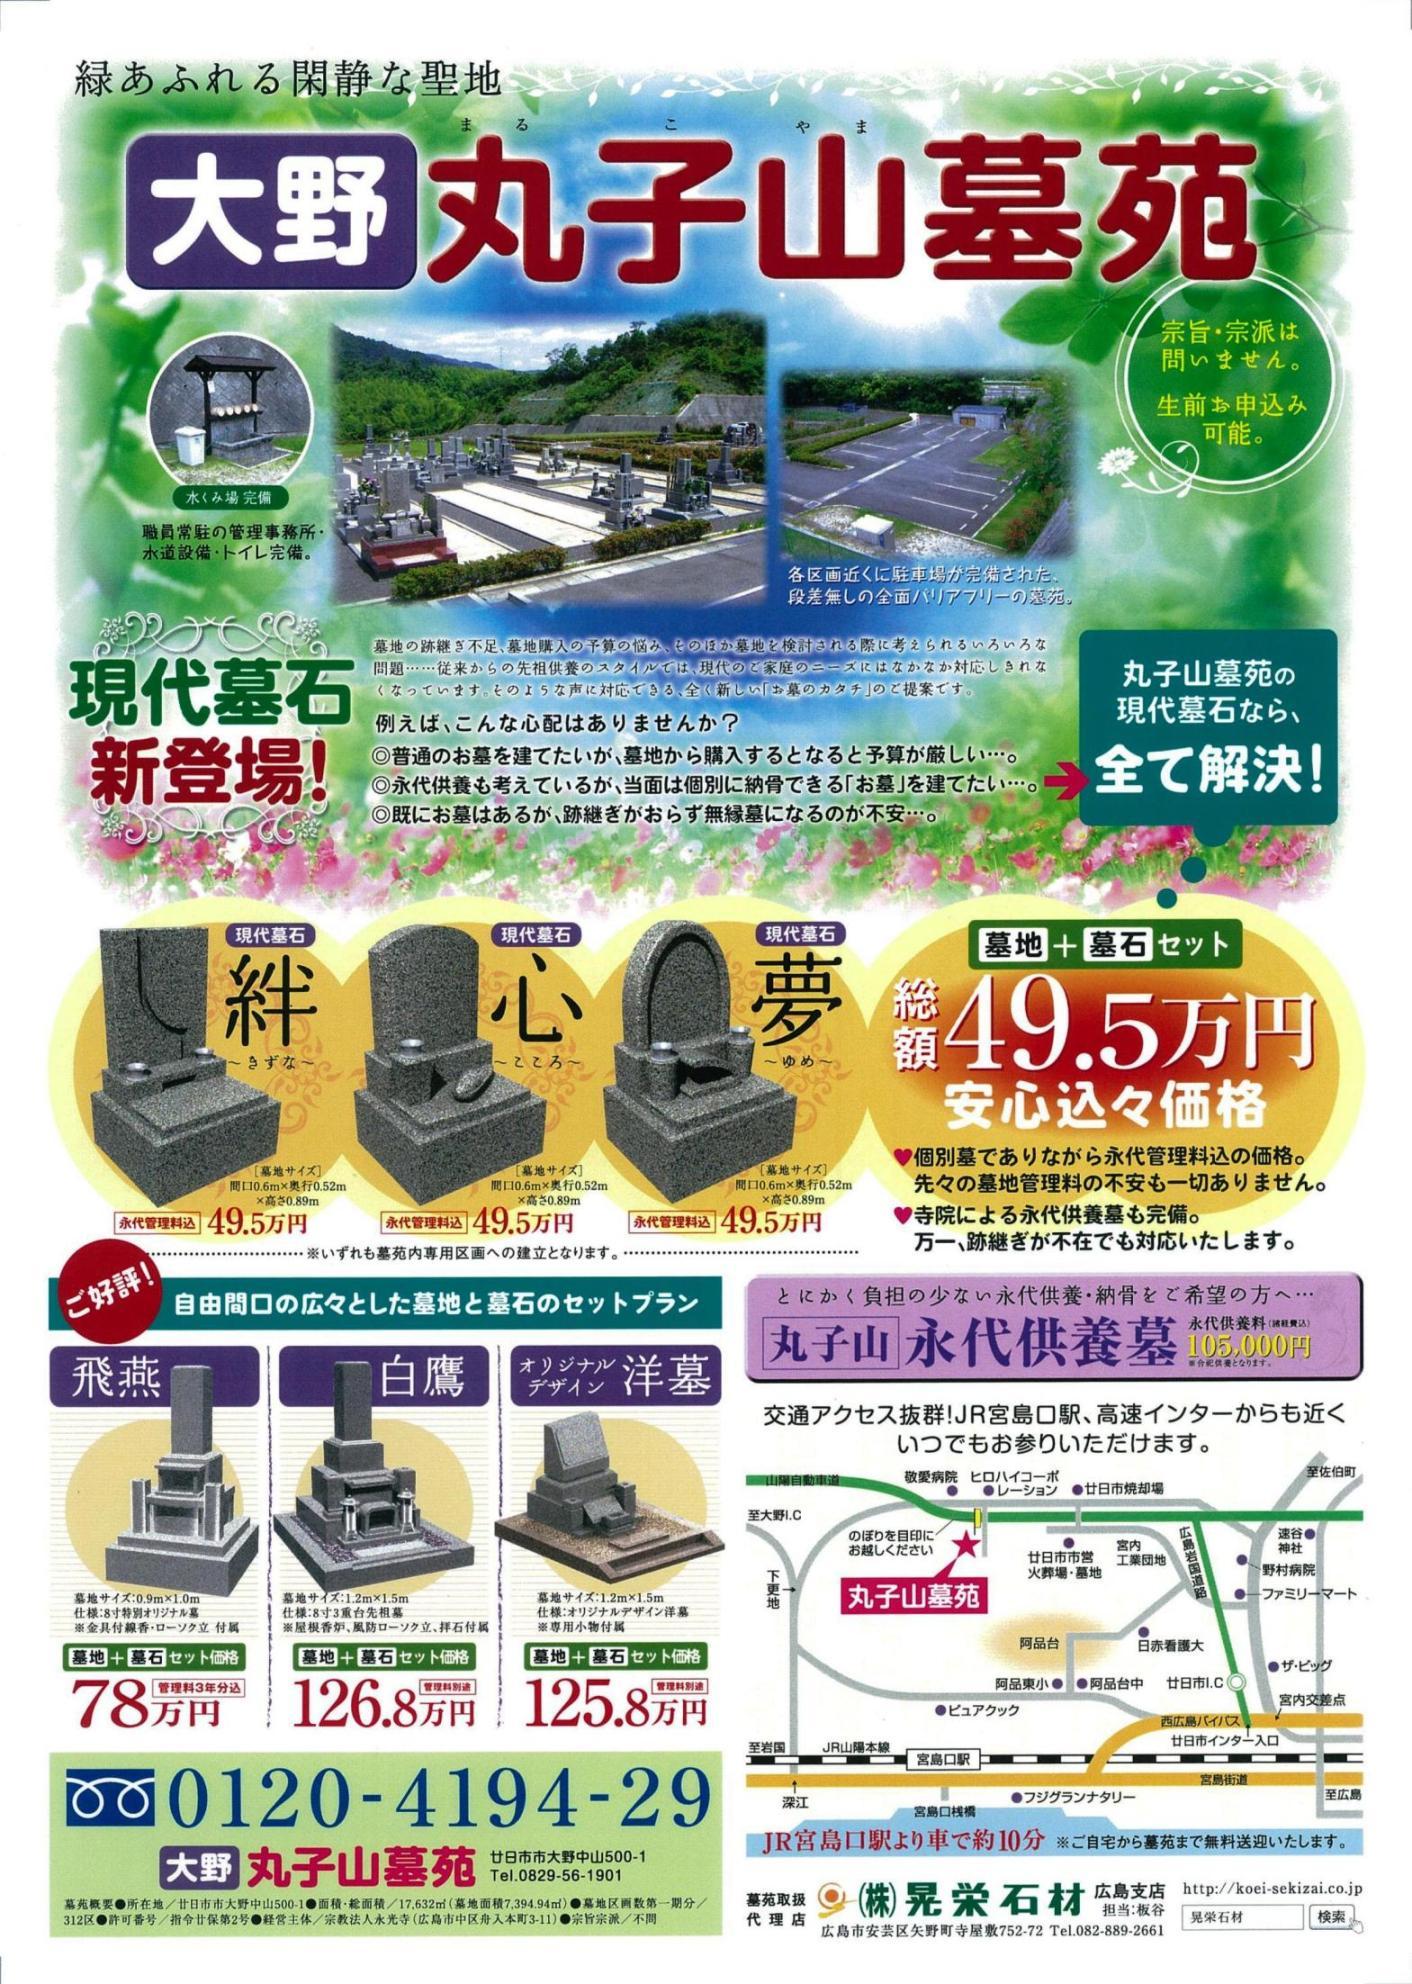 marukoyamagendai_01.jpg